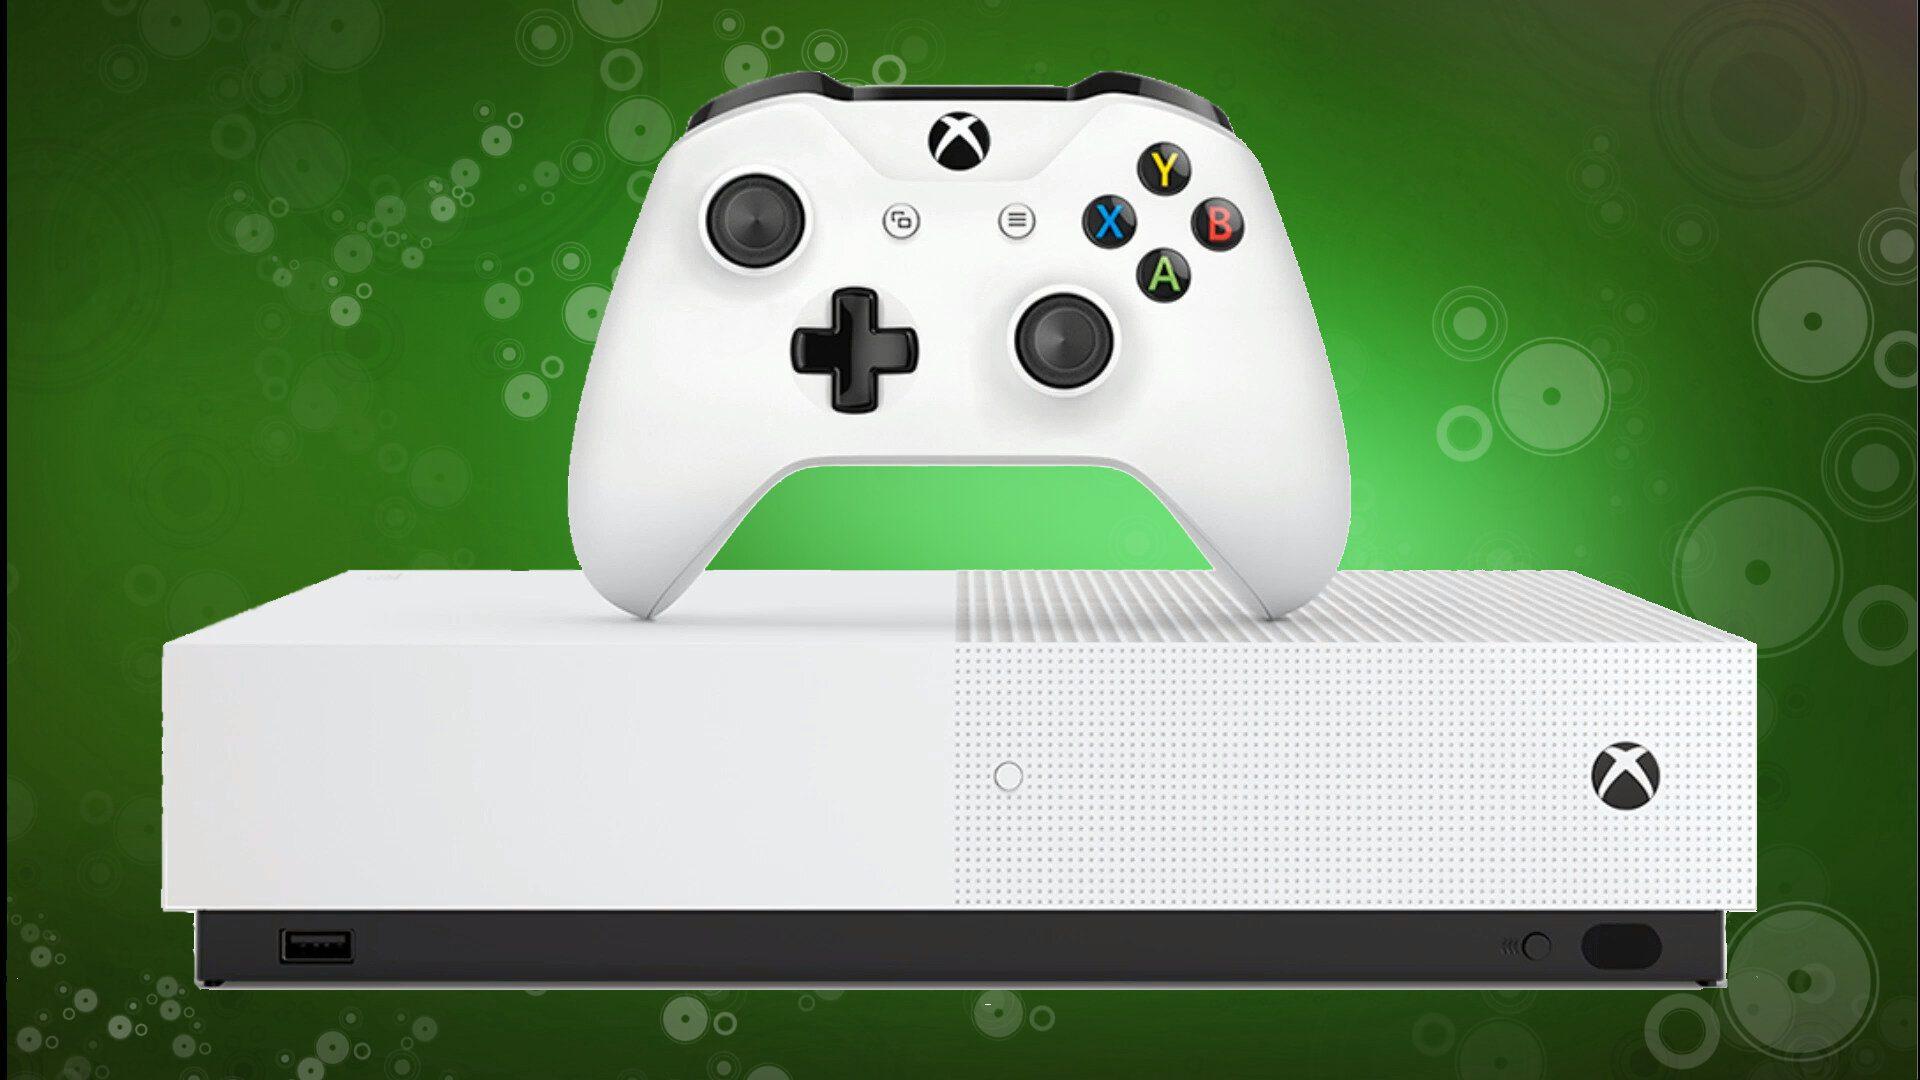 La opinión del redactor: Microsoft y su nueva estrategia con Xbox Series X